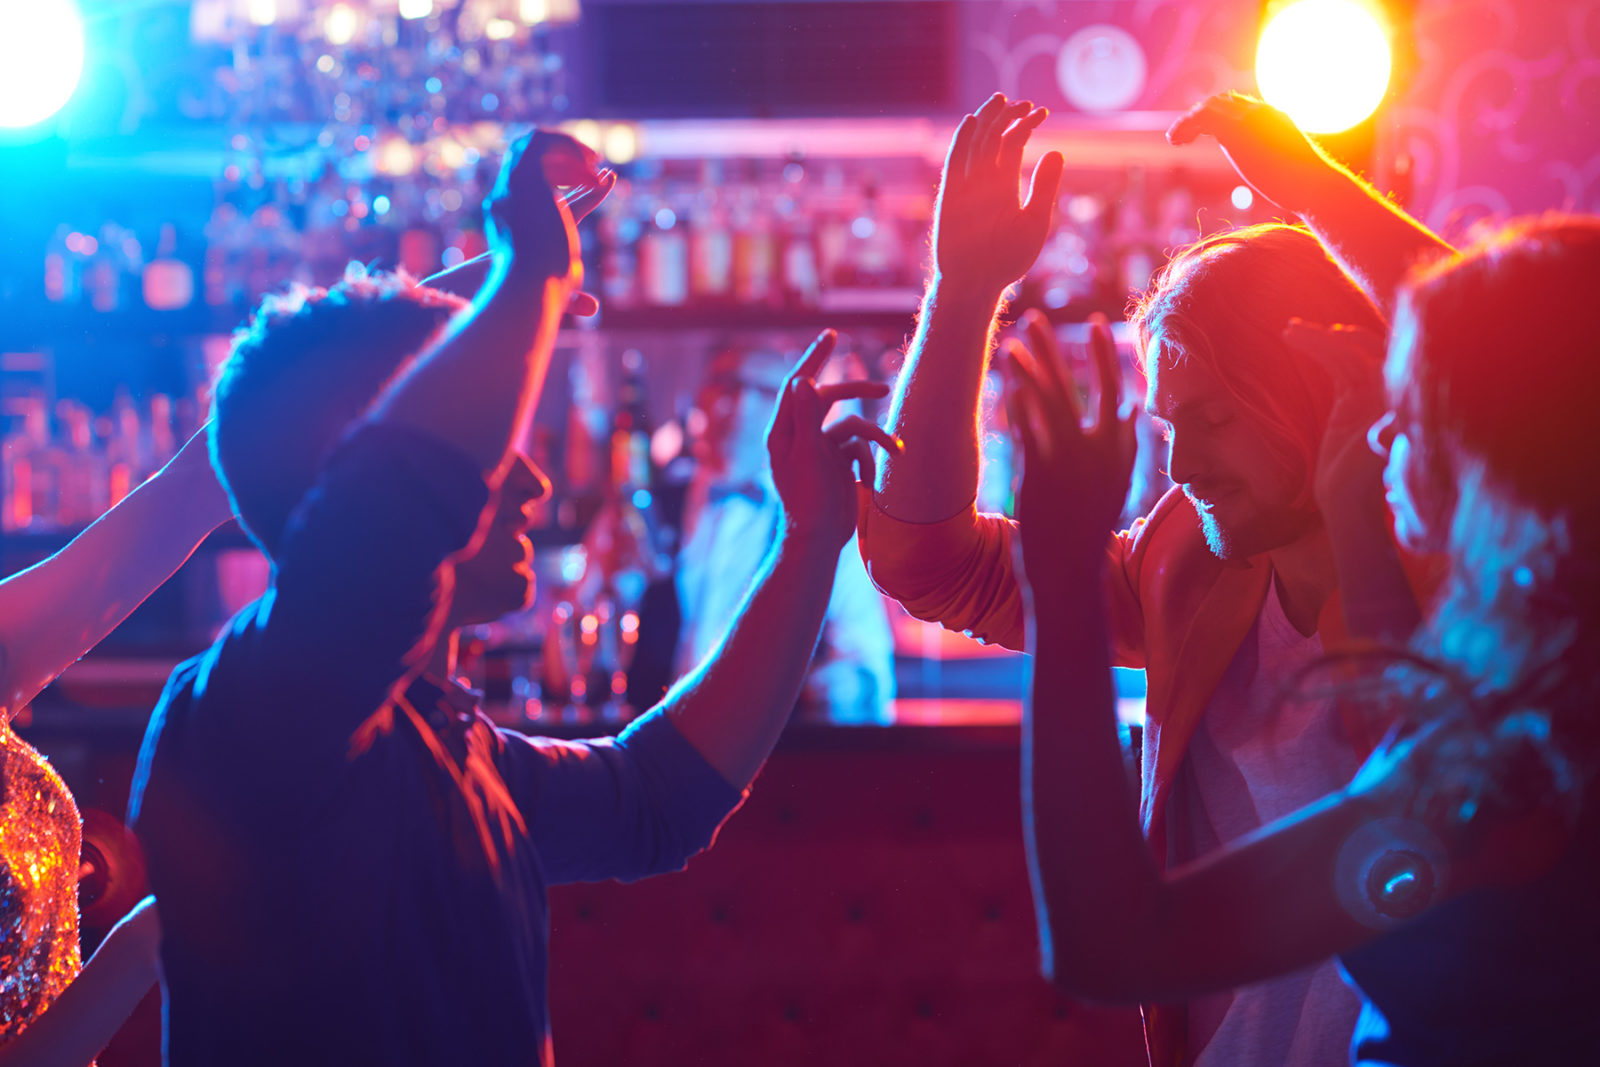 Men and women dancing enjoying new years eve